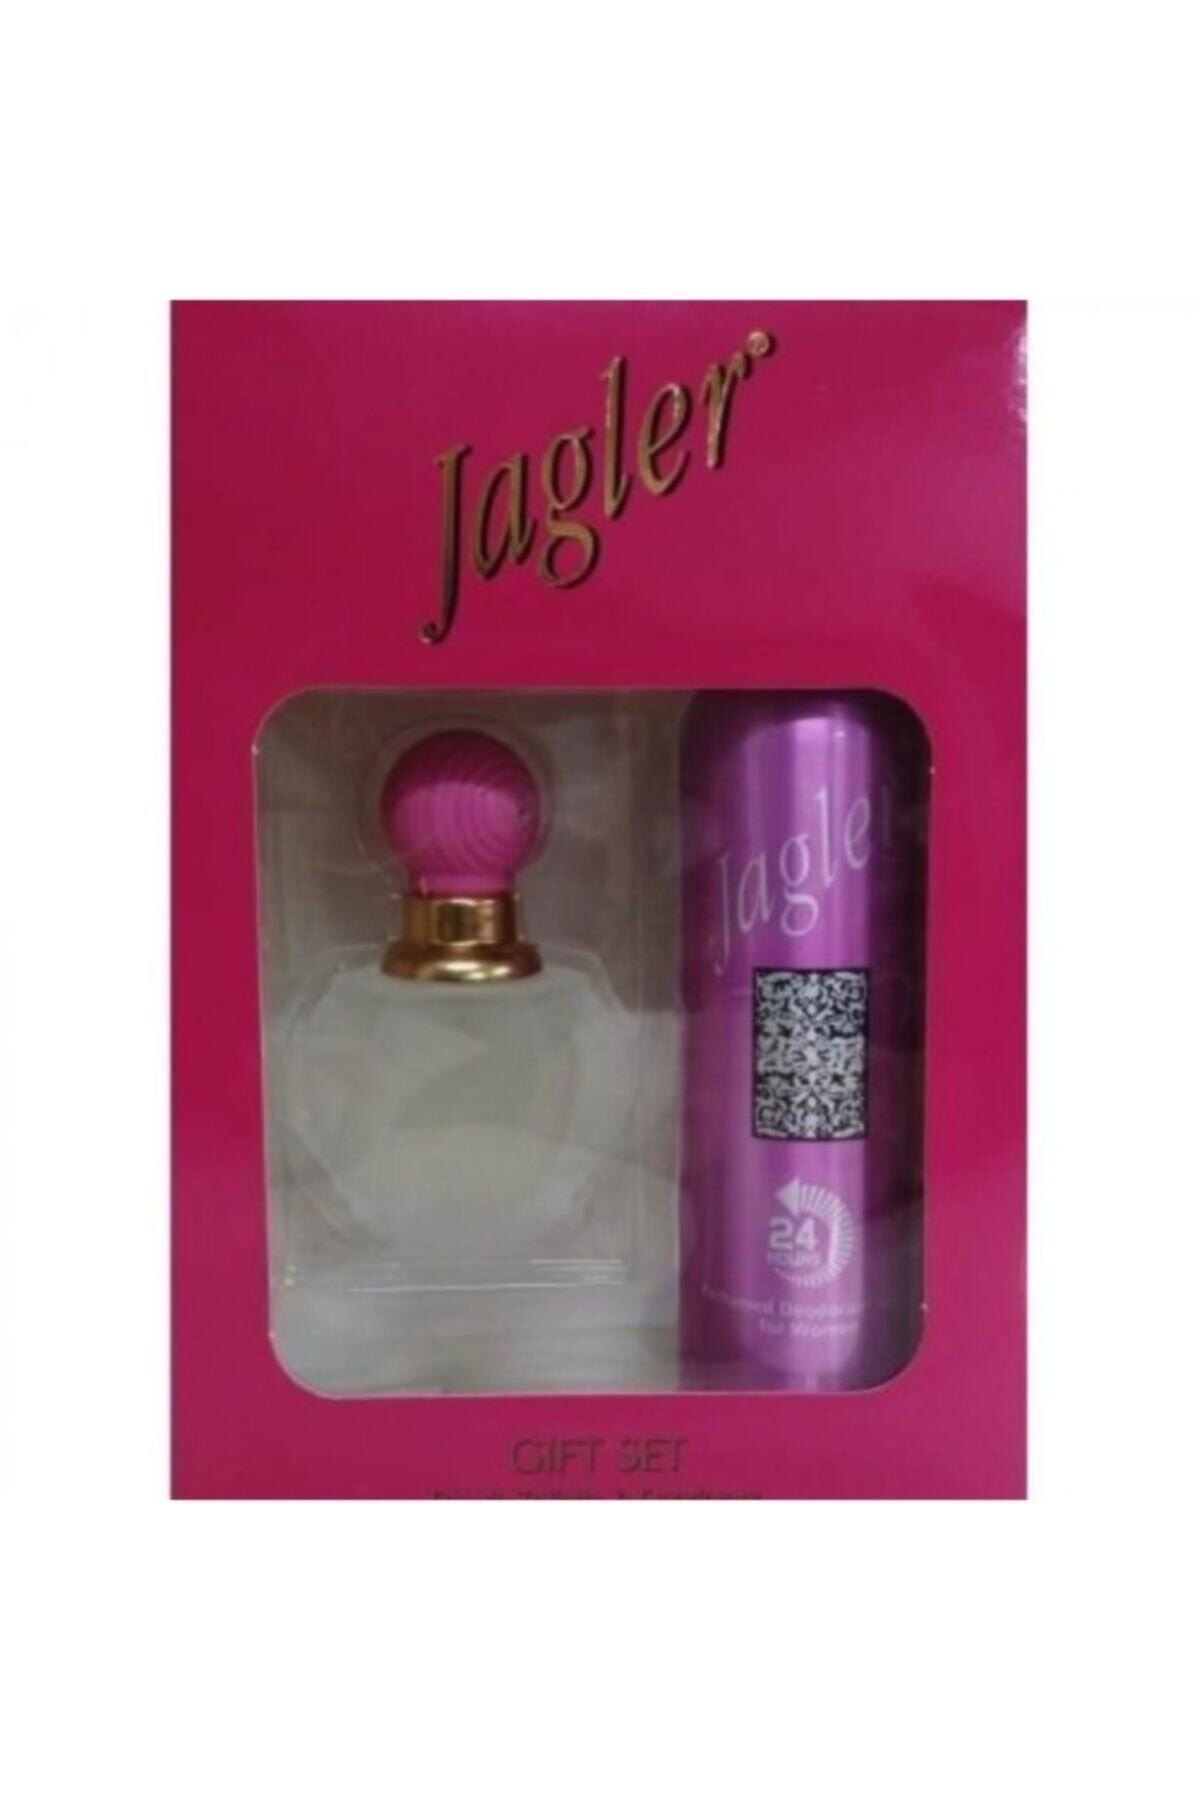 Jagler Kadın Parfüm 60 ml ve Deodorant 150 ml 1